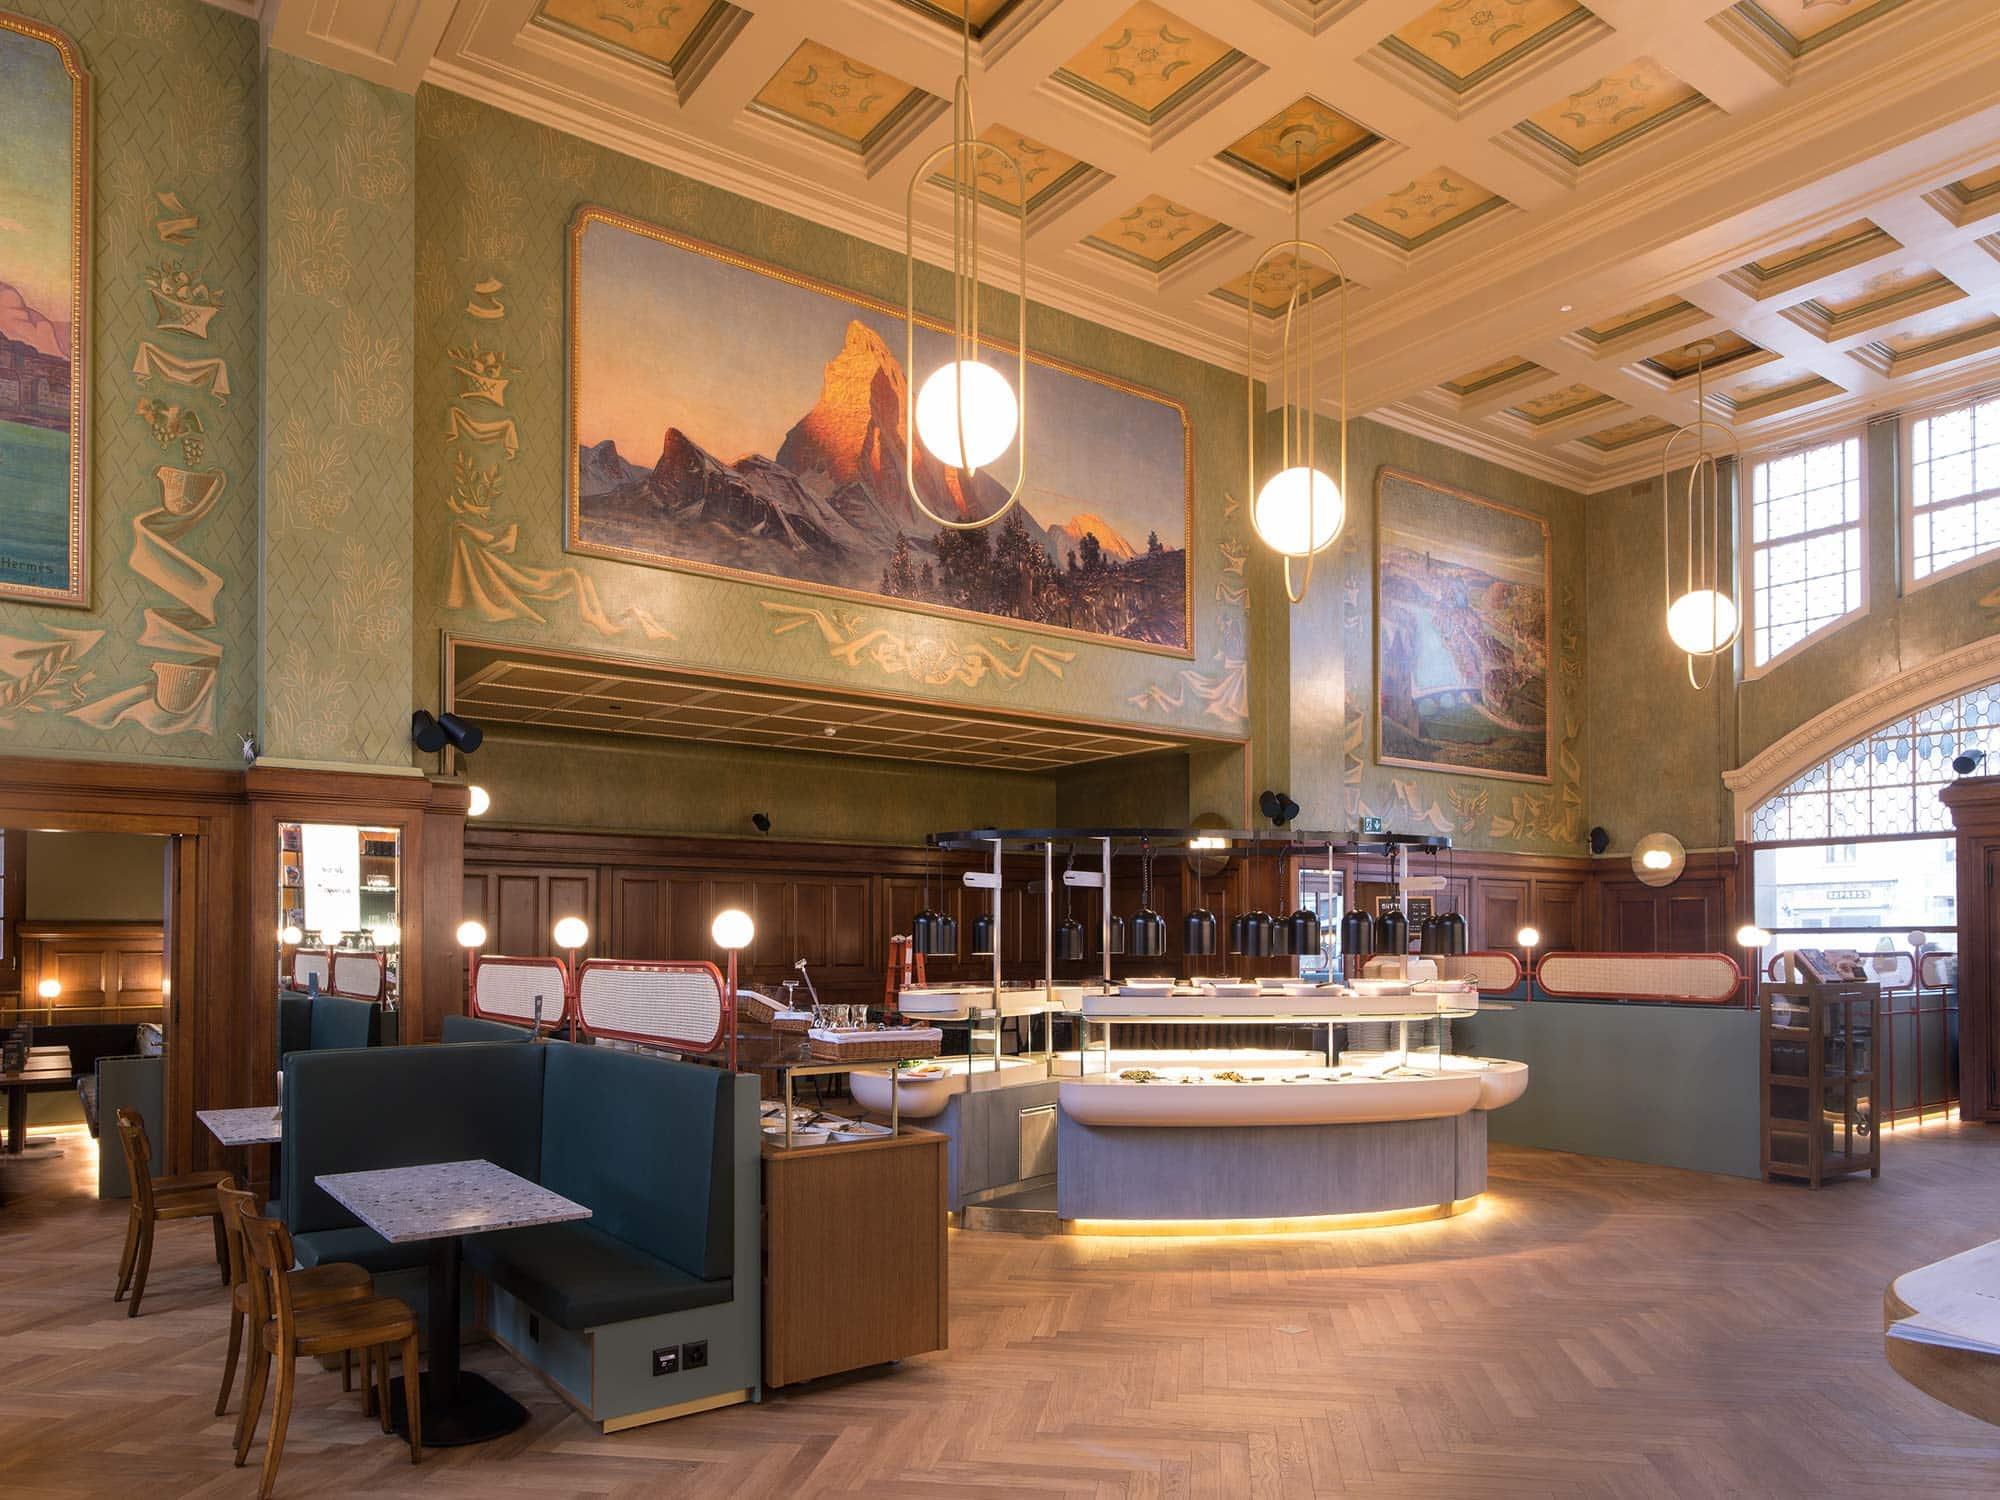 l'architecture du buffet de la gare de Lausanne